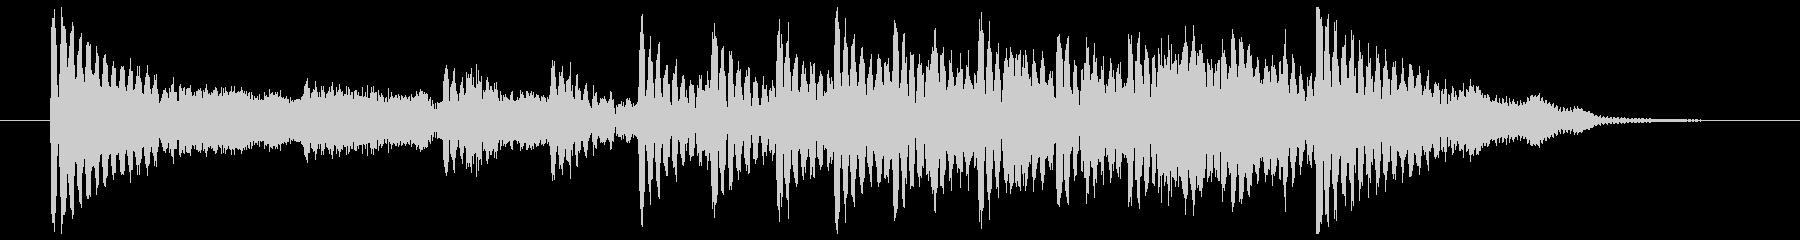 和楽器☆和風ジングル2の未再生の波形